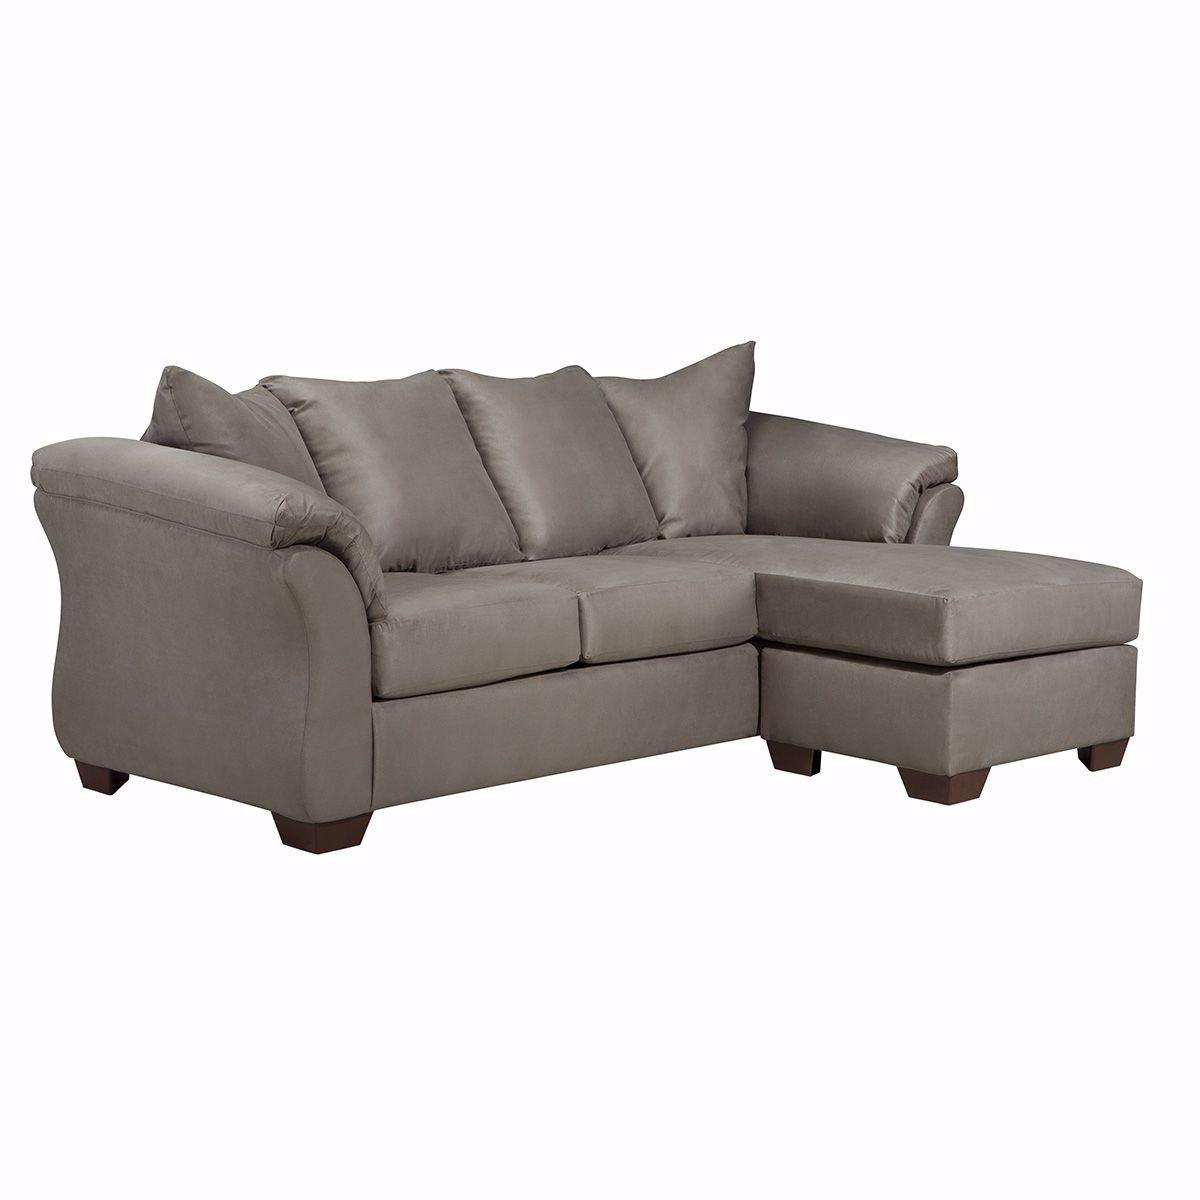 Picture of Austin Cobblestone Sofa Chaise